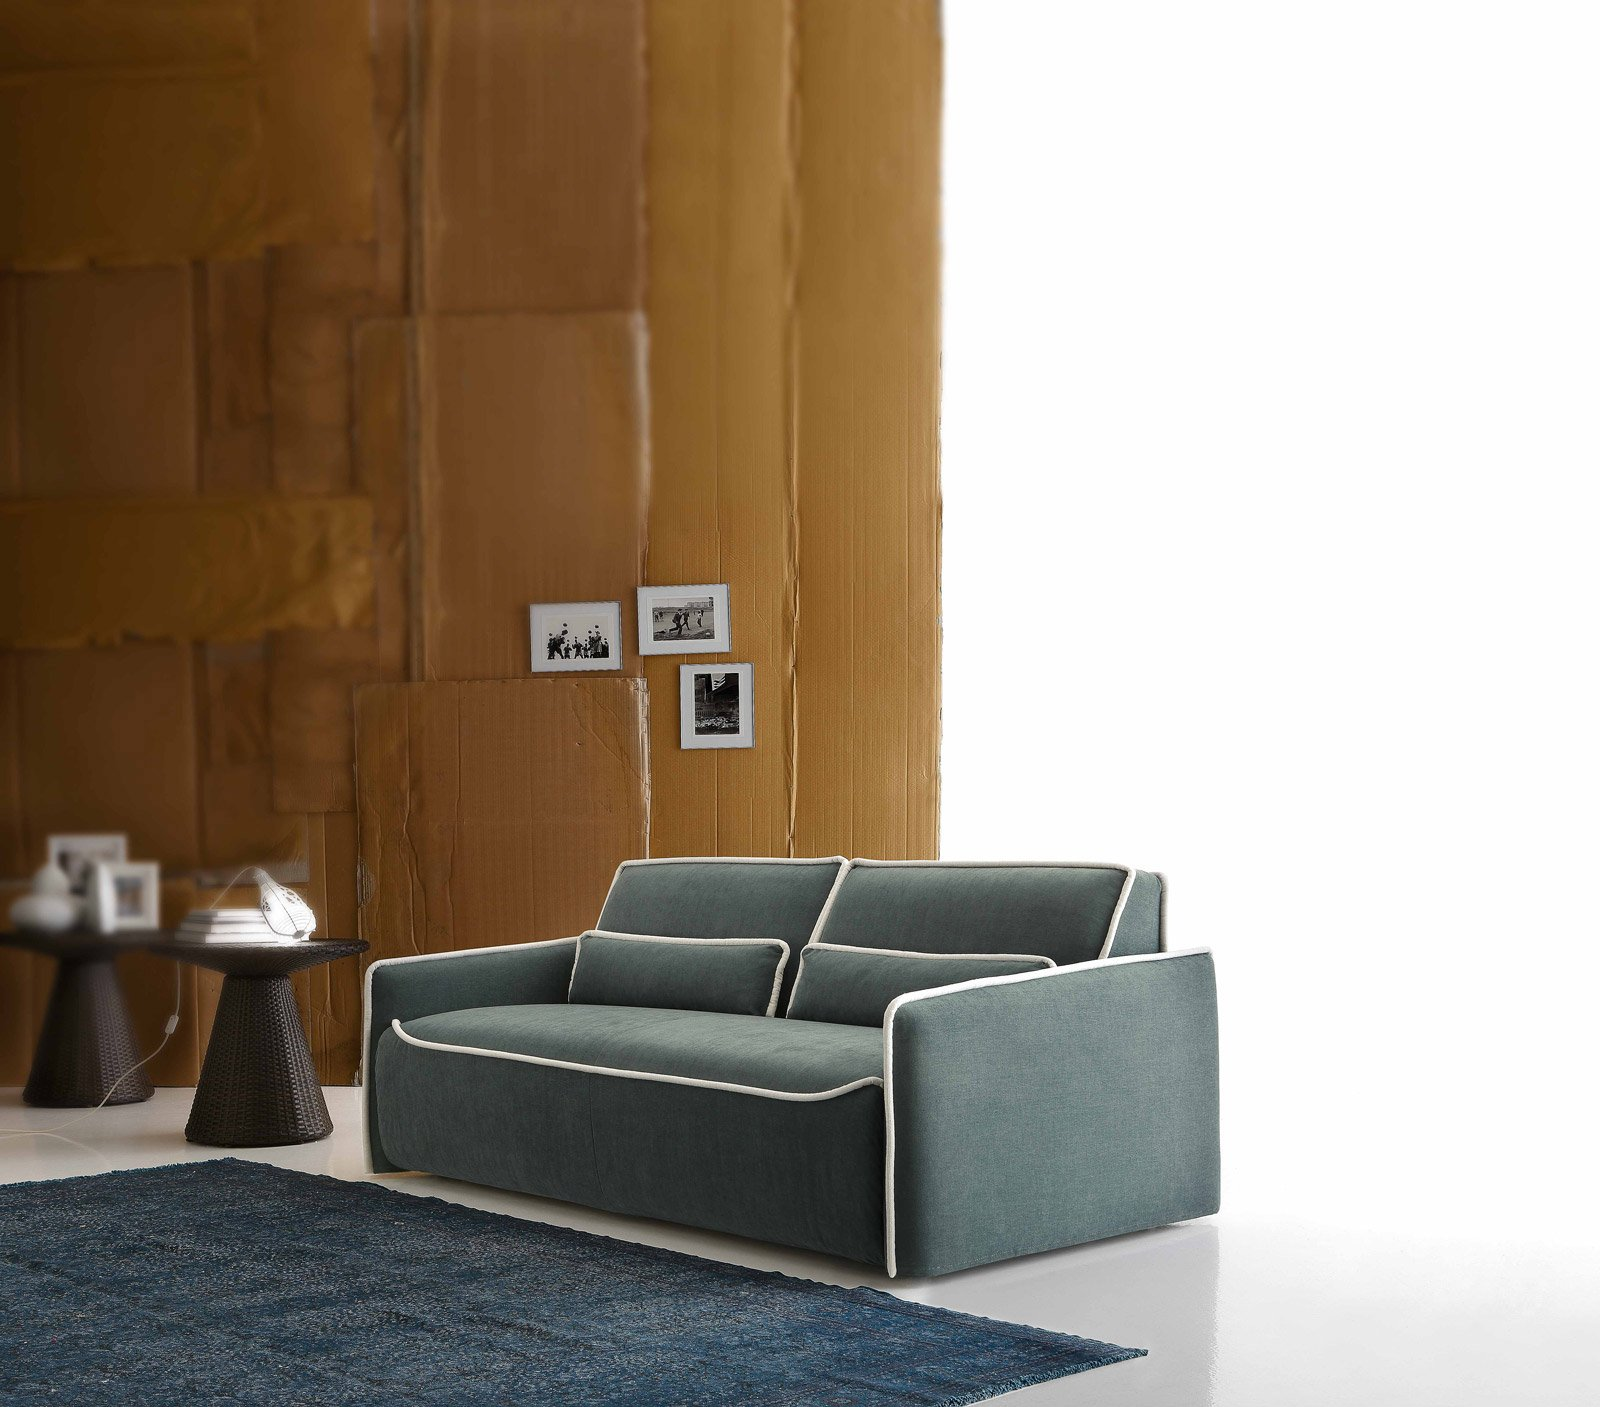 Divano letto il trasformabile salvaspazio cose di casa - Schienale divano letto ...